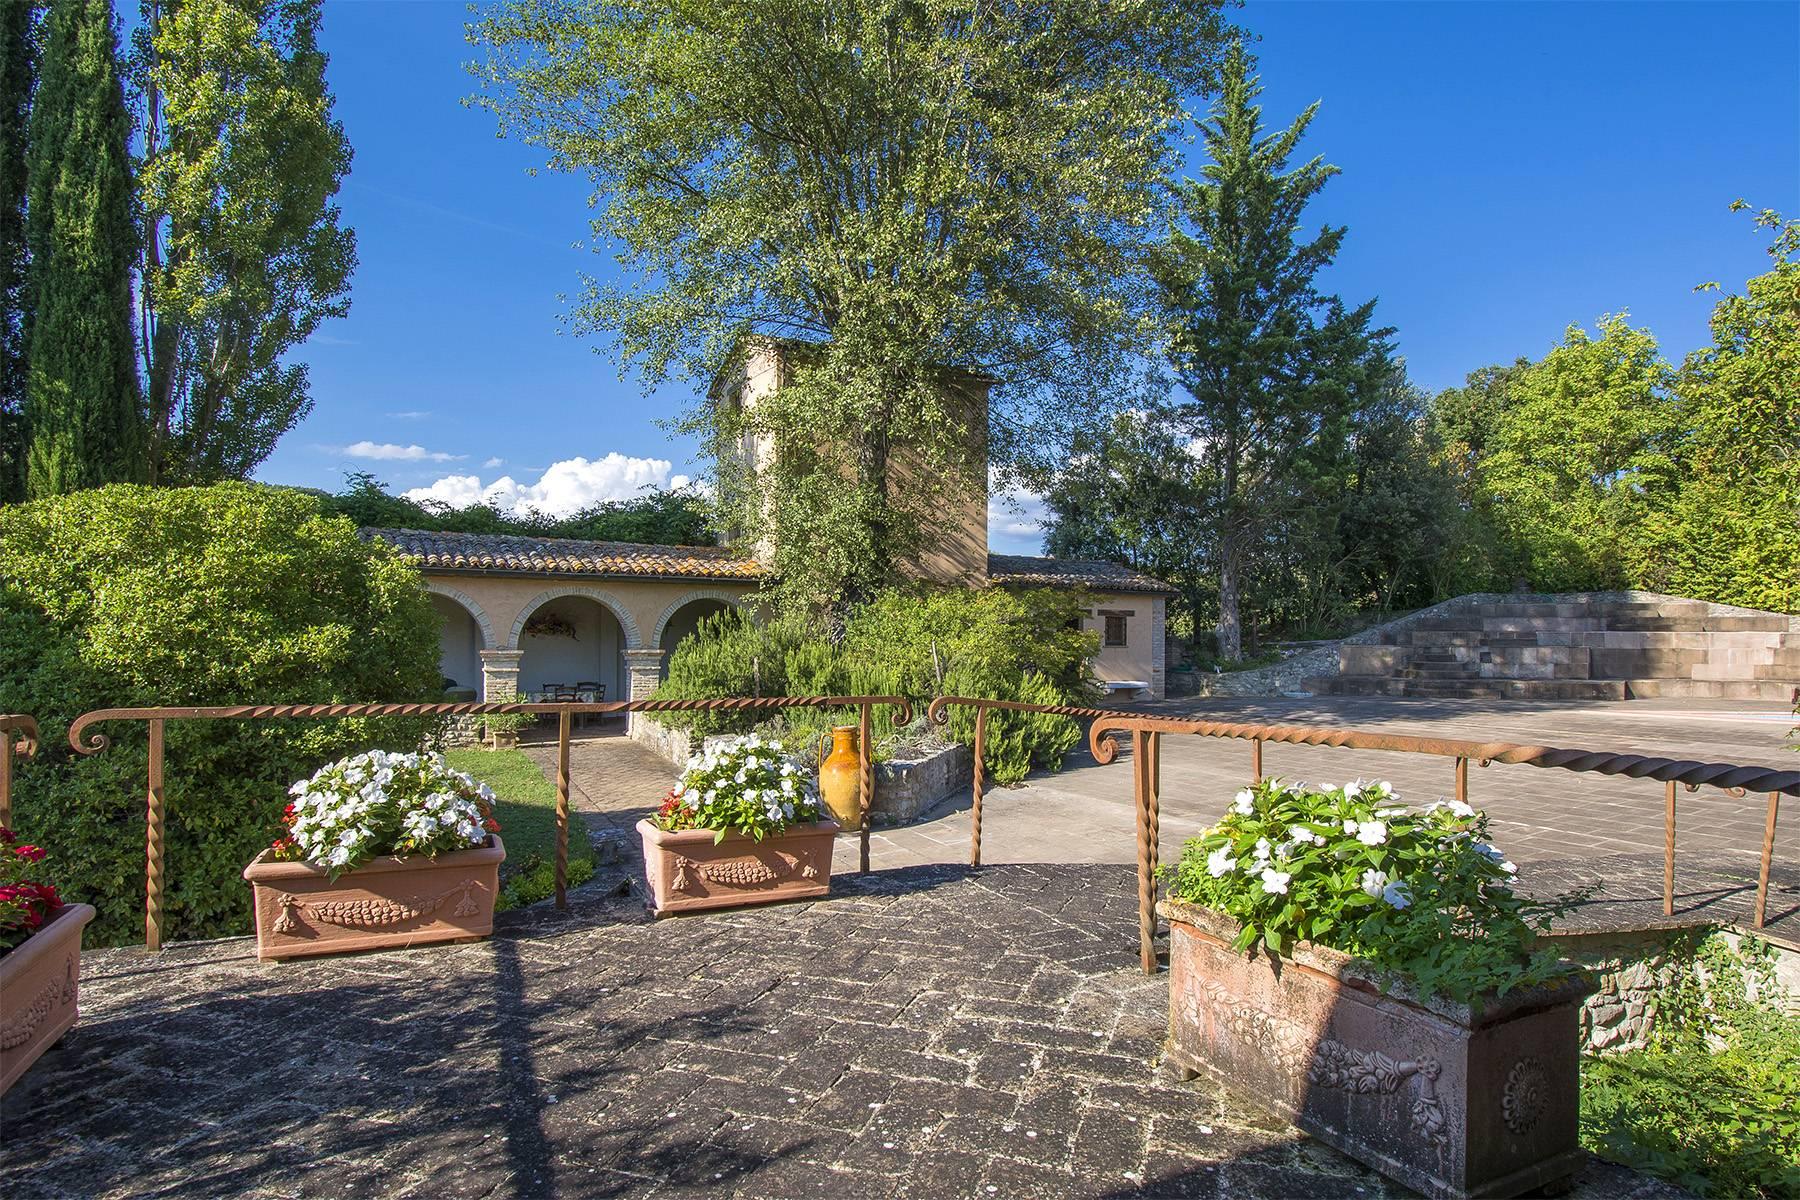 Rustico in Vendita a Montone: 5 locali, 700 mq - Foto 1